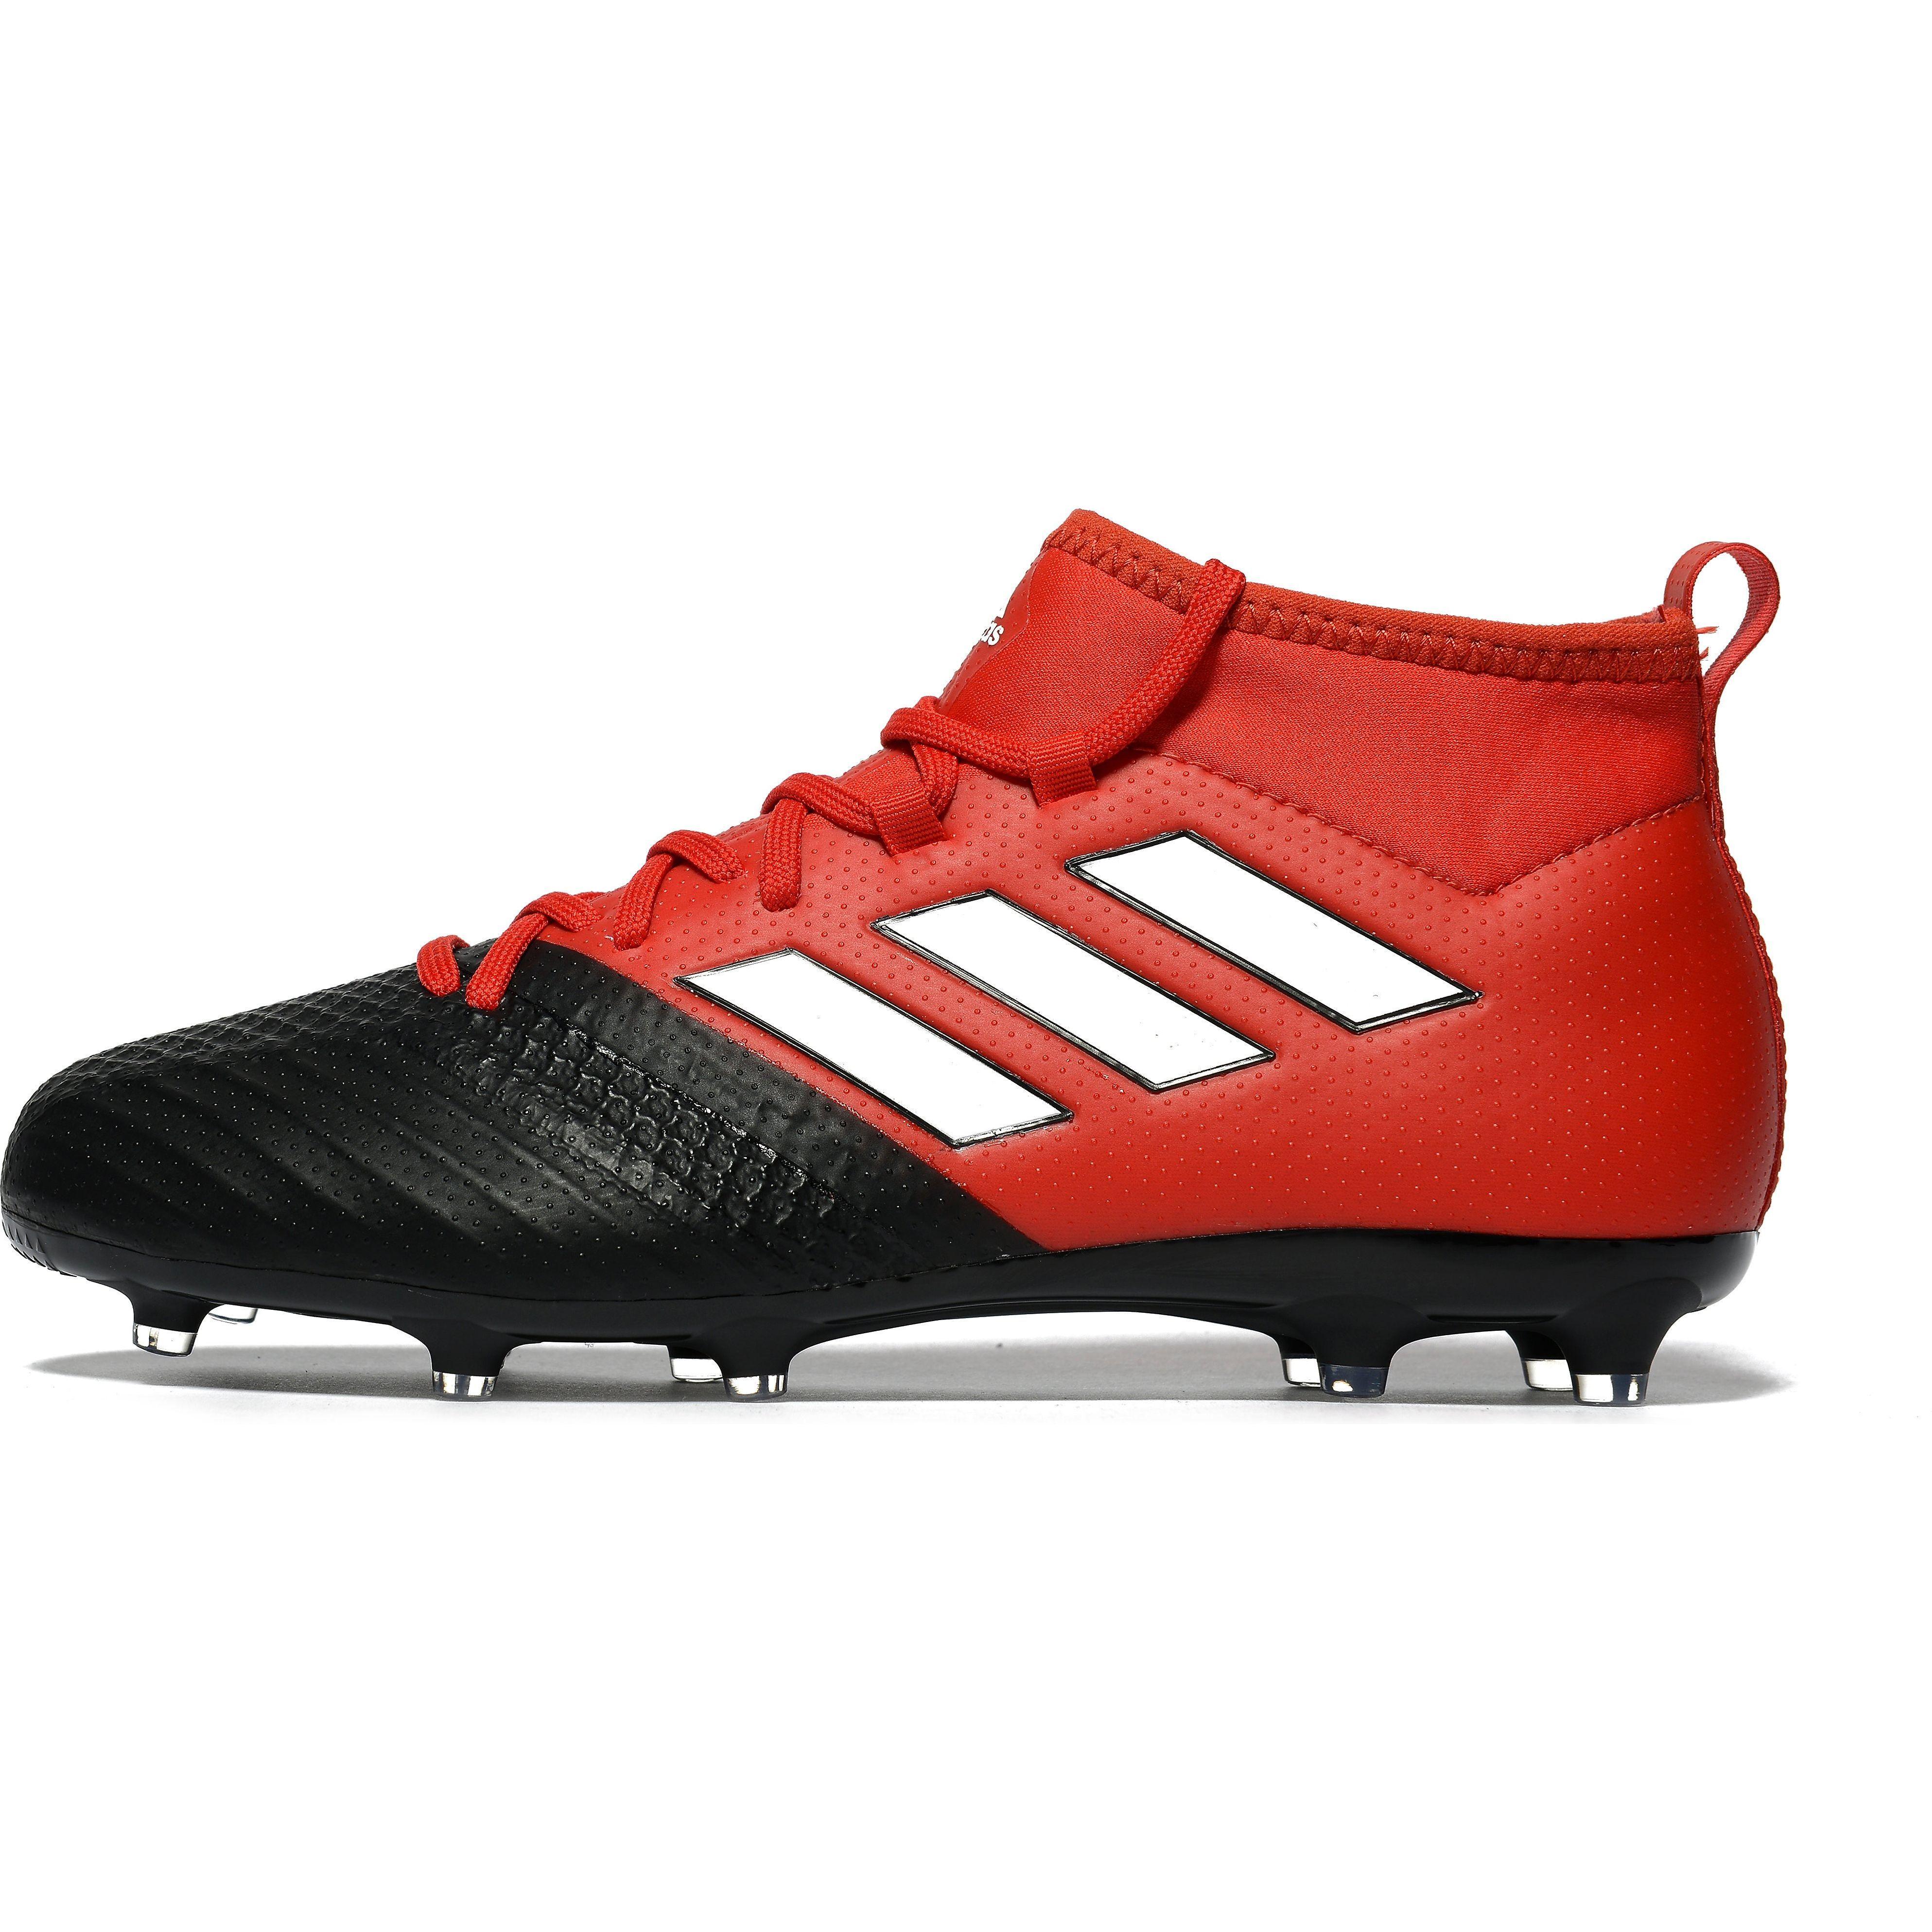 separation shoes e0dfd 528eb uk adidas ace 17.1 primemesh 0d47a 34752